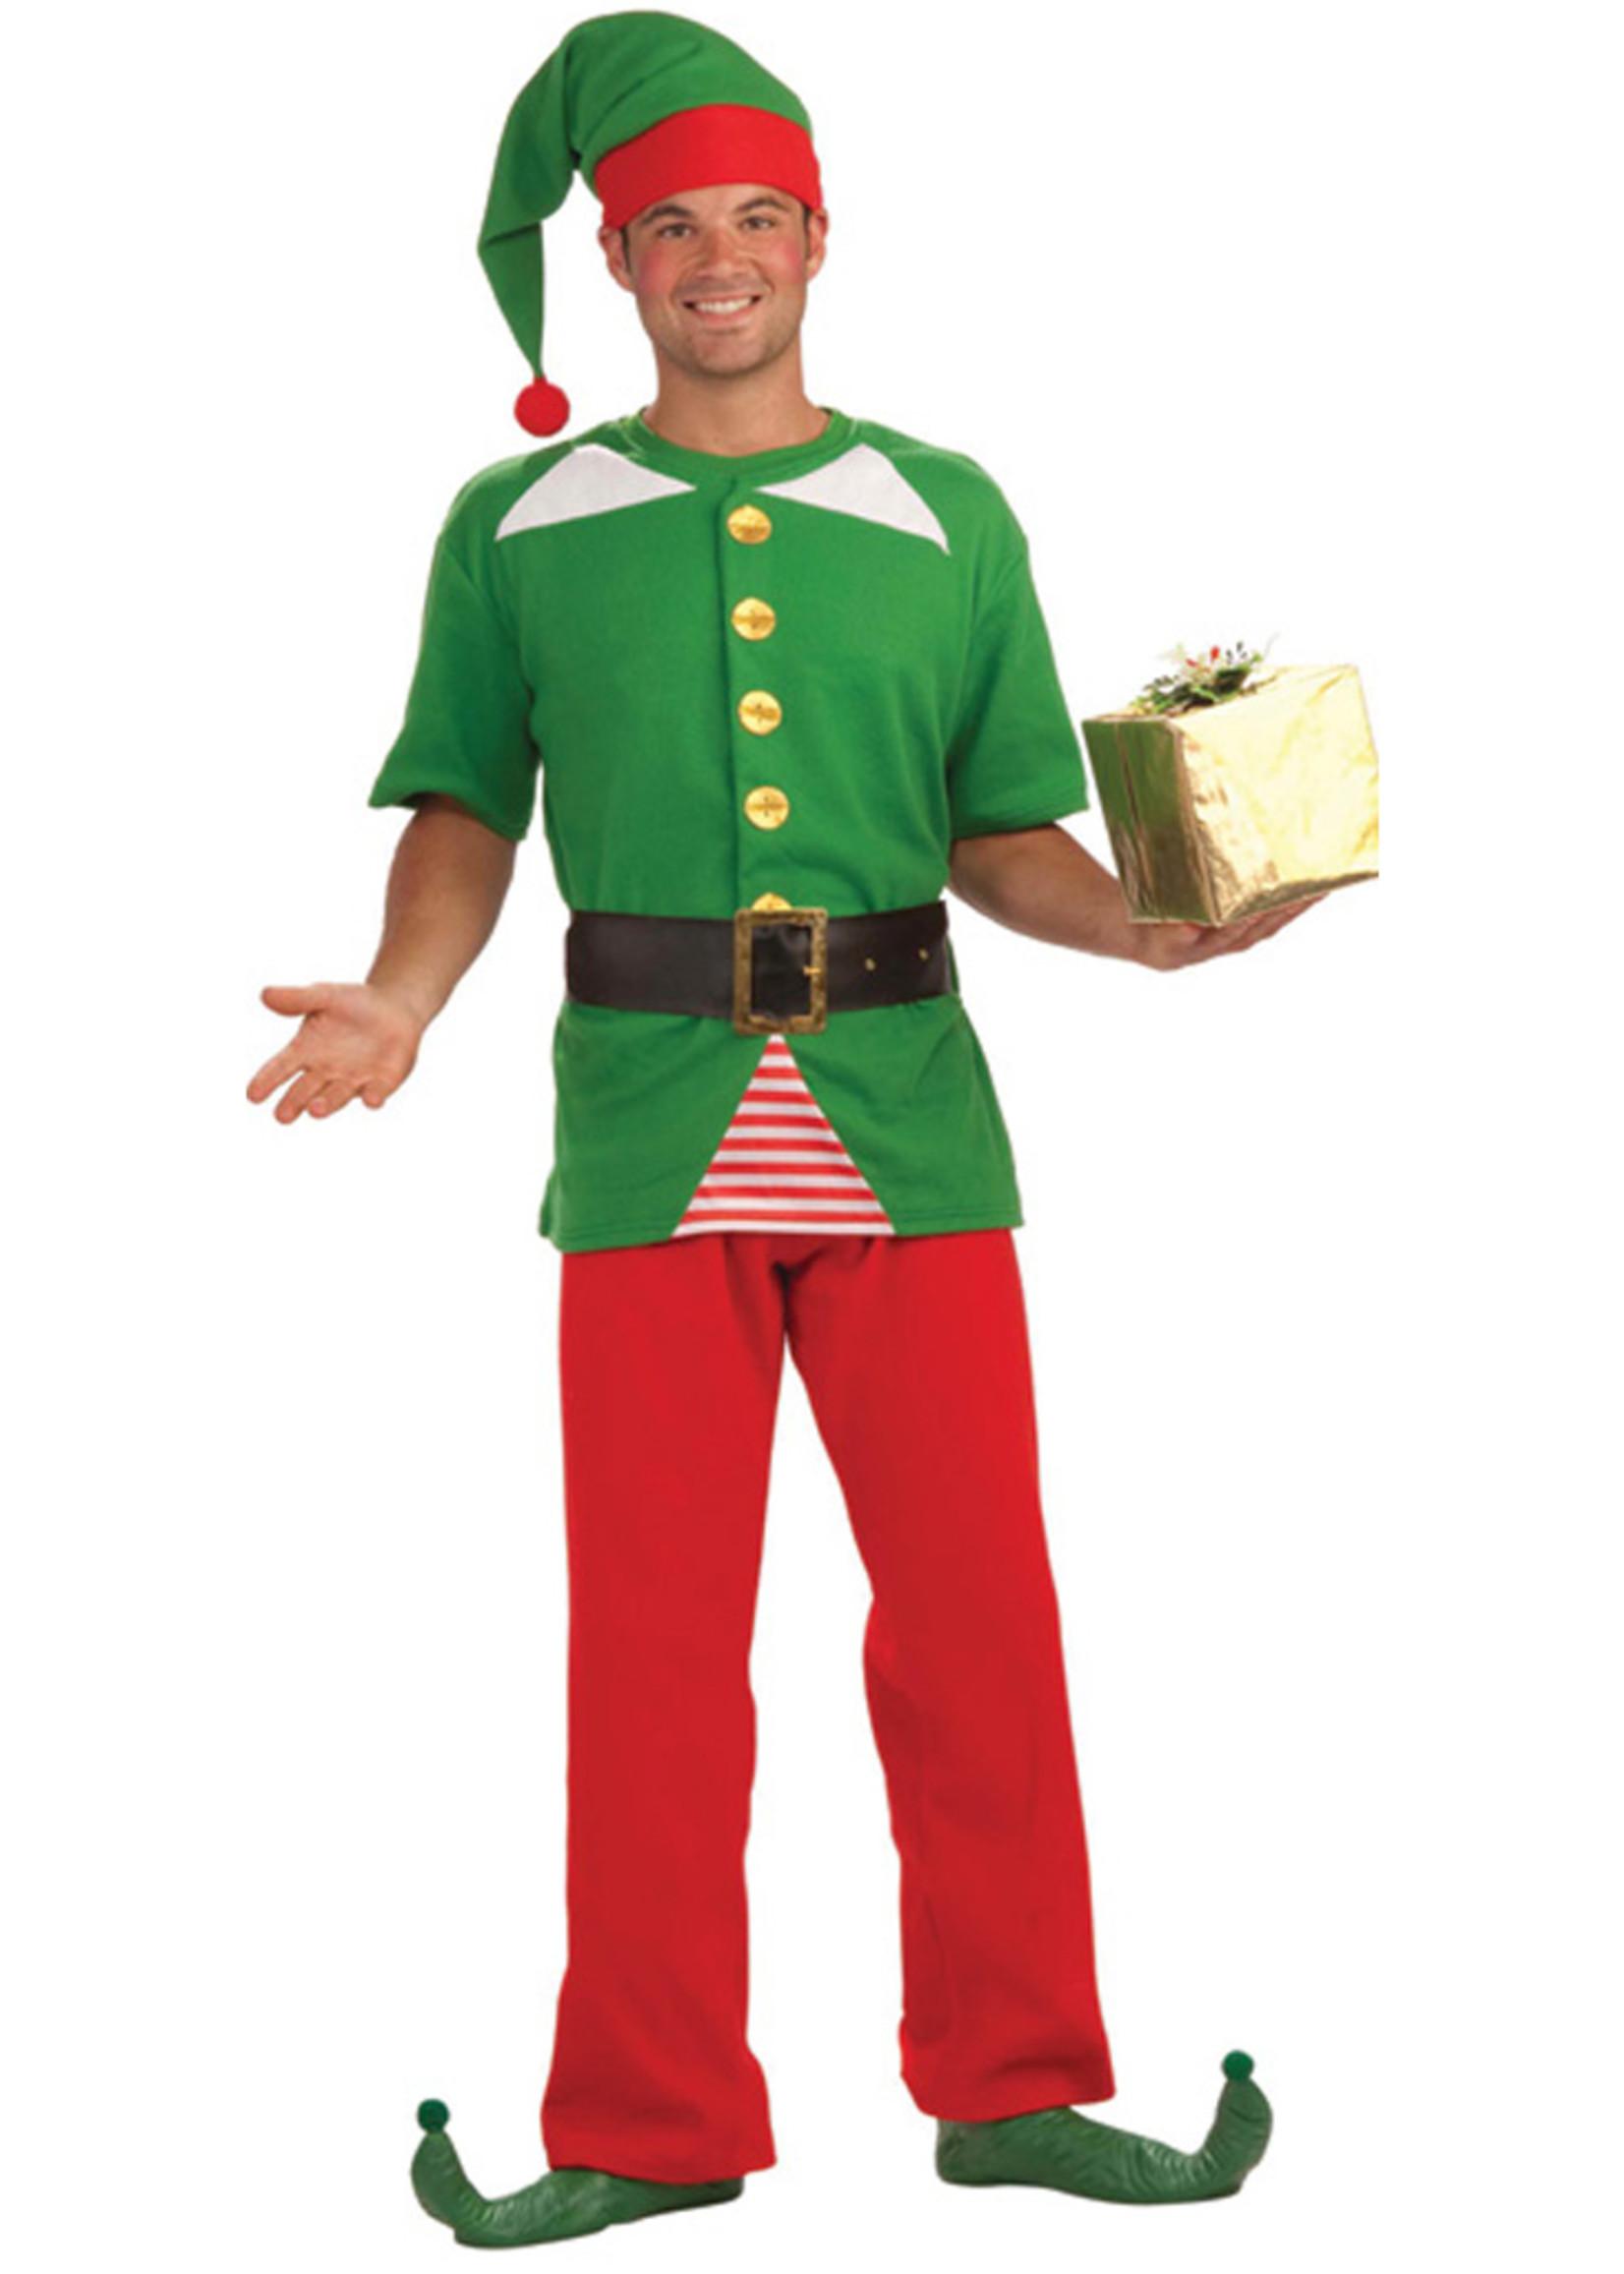 Jolly Elf Costume - Men's